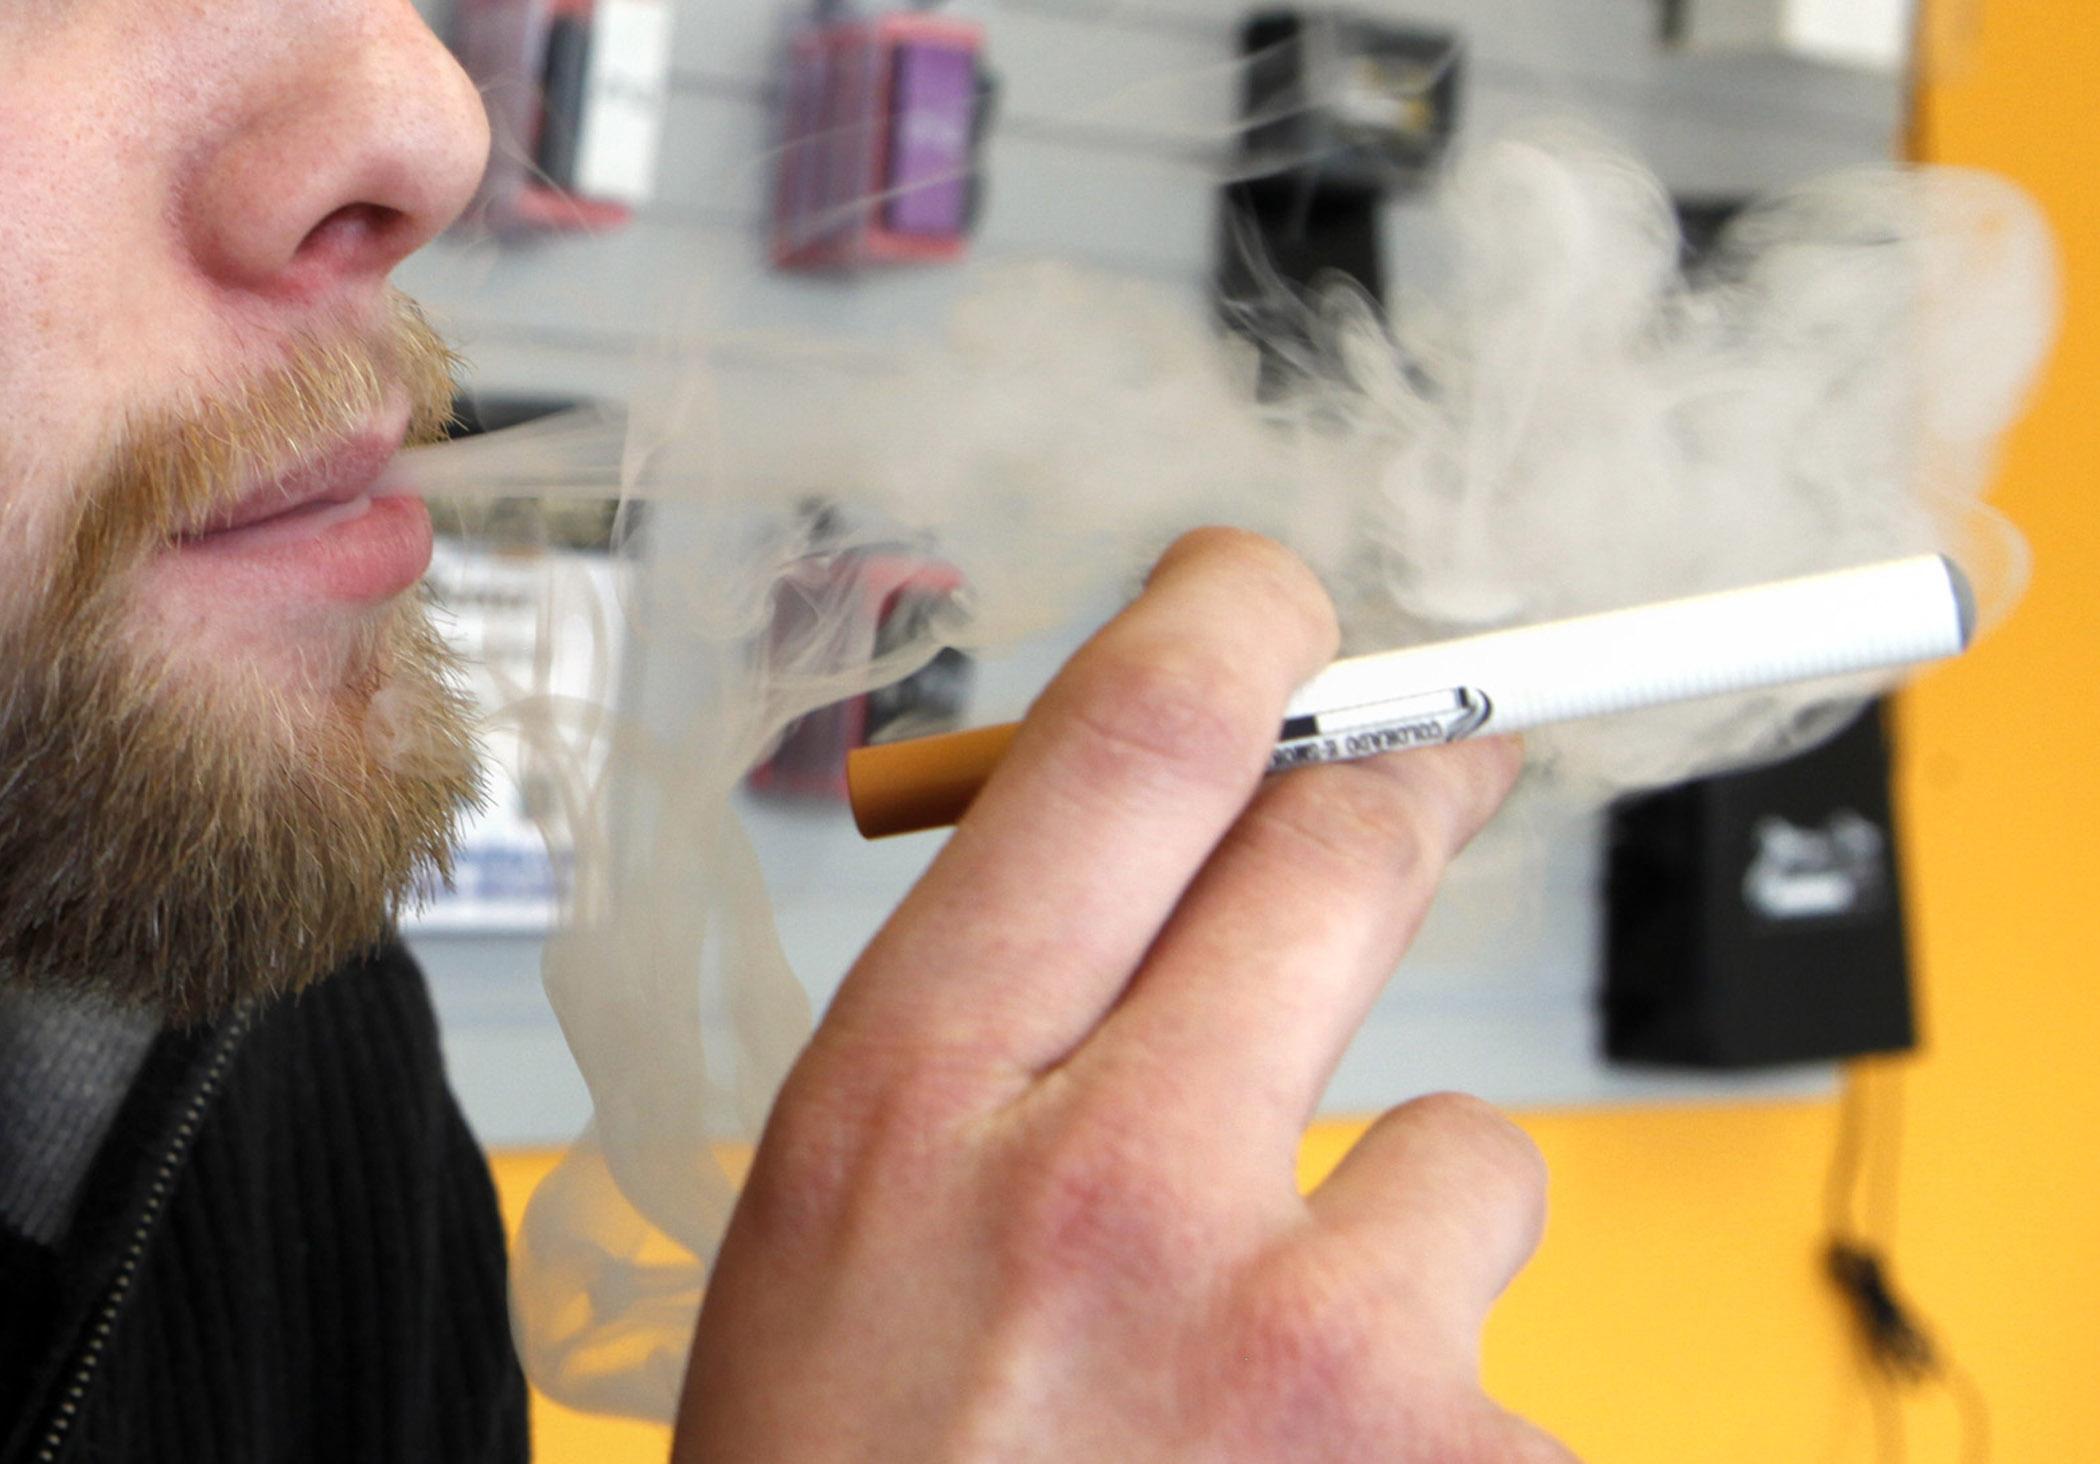 Photo: E-cigarette (AP Photo)